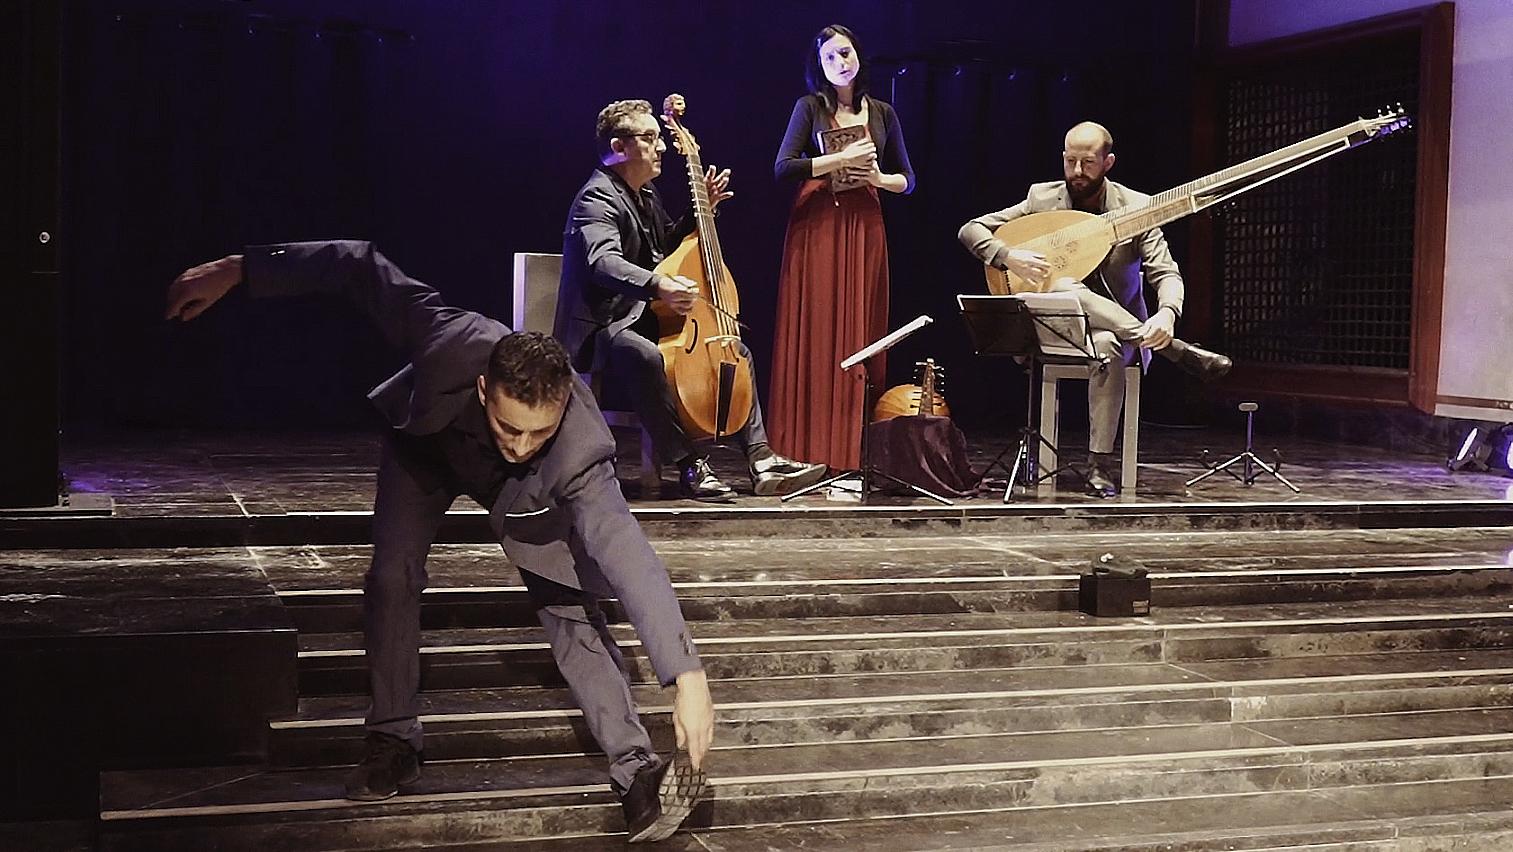 La melancolía que une la música del siglo XVI con la danza contemporánea